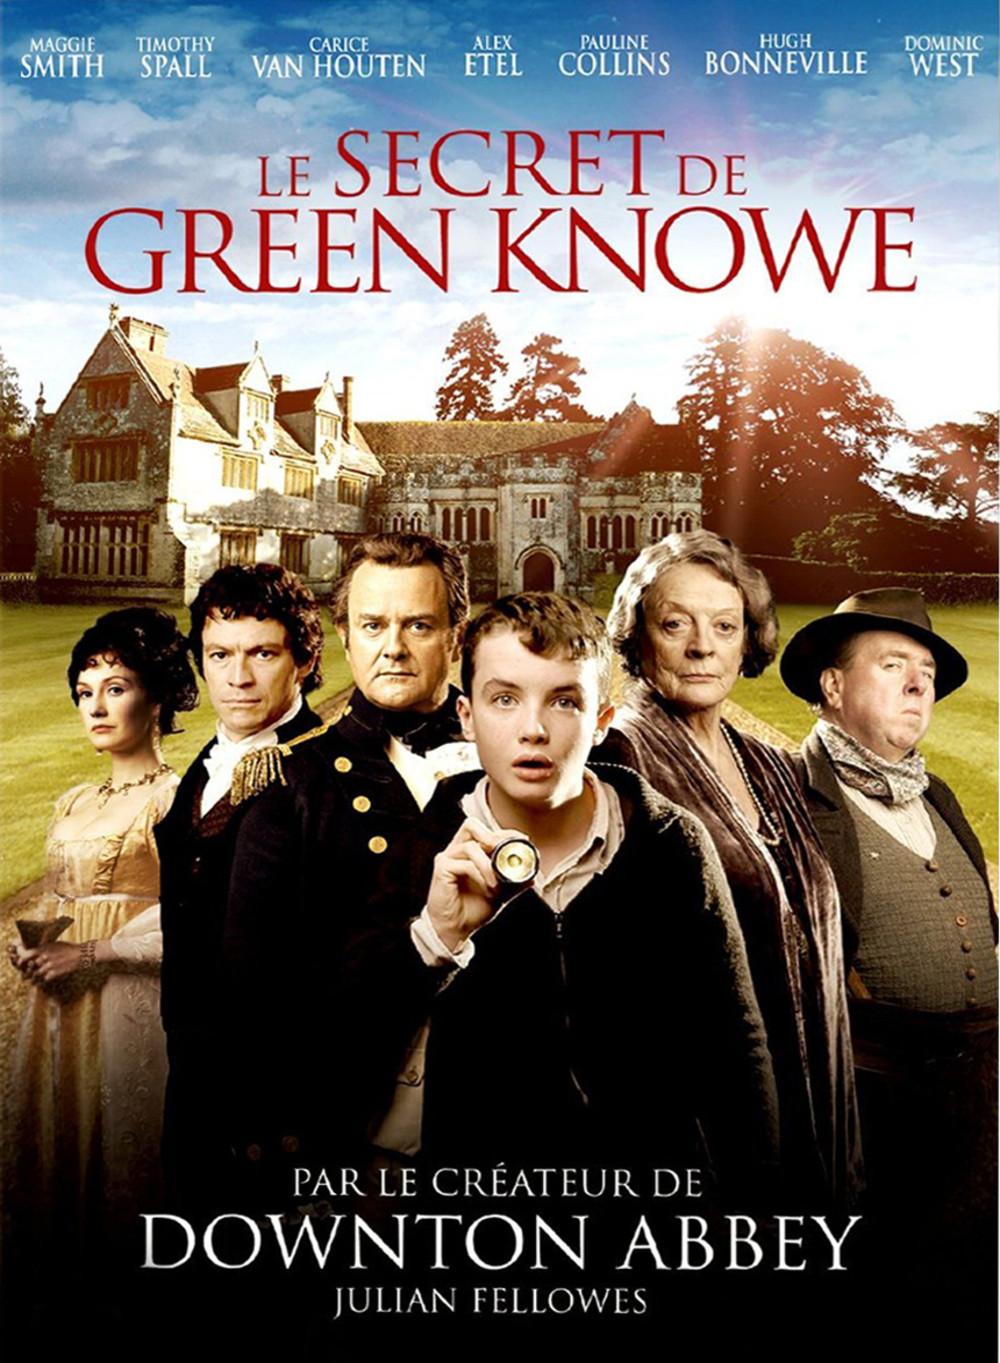 affiche du film Le Secret de Green Knowe